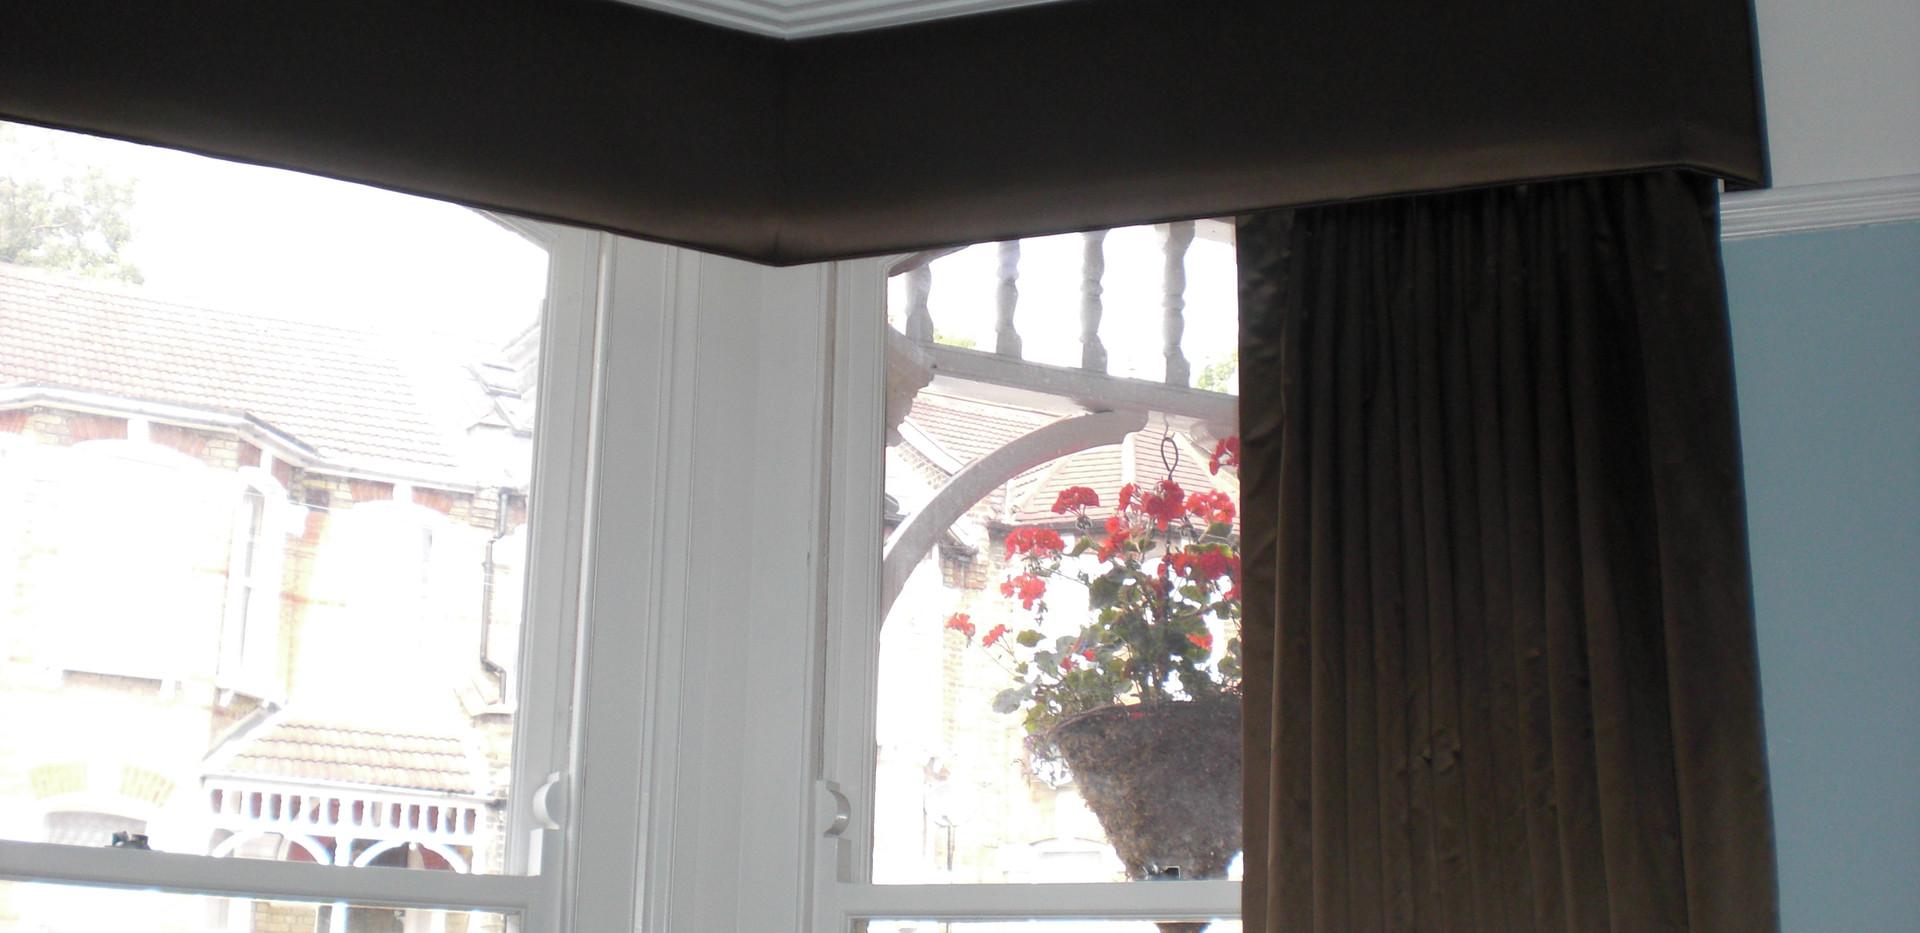 curtains 281 - Copy.jpg